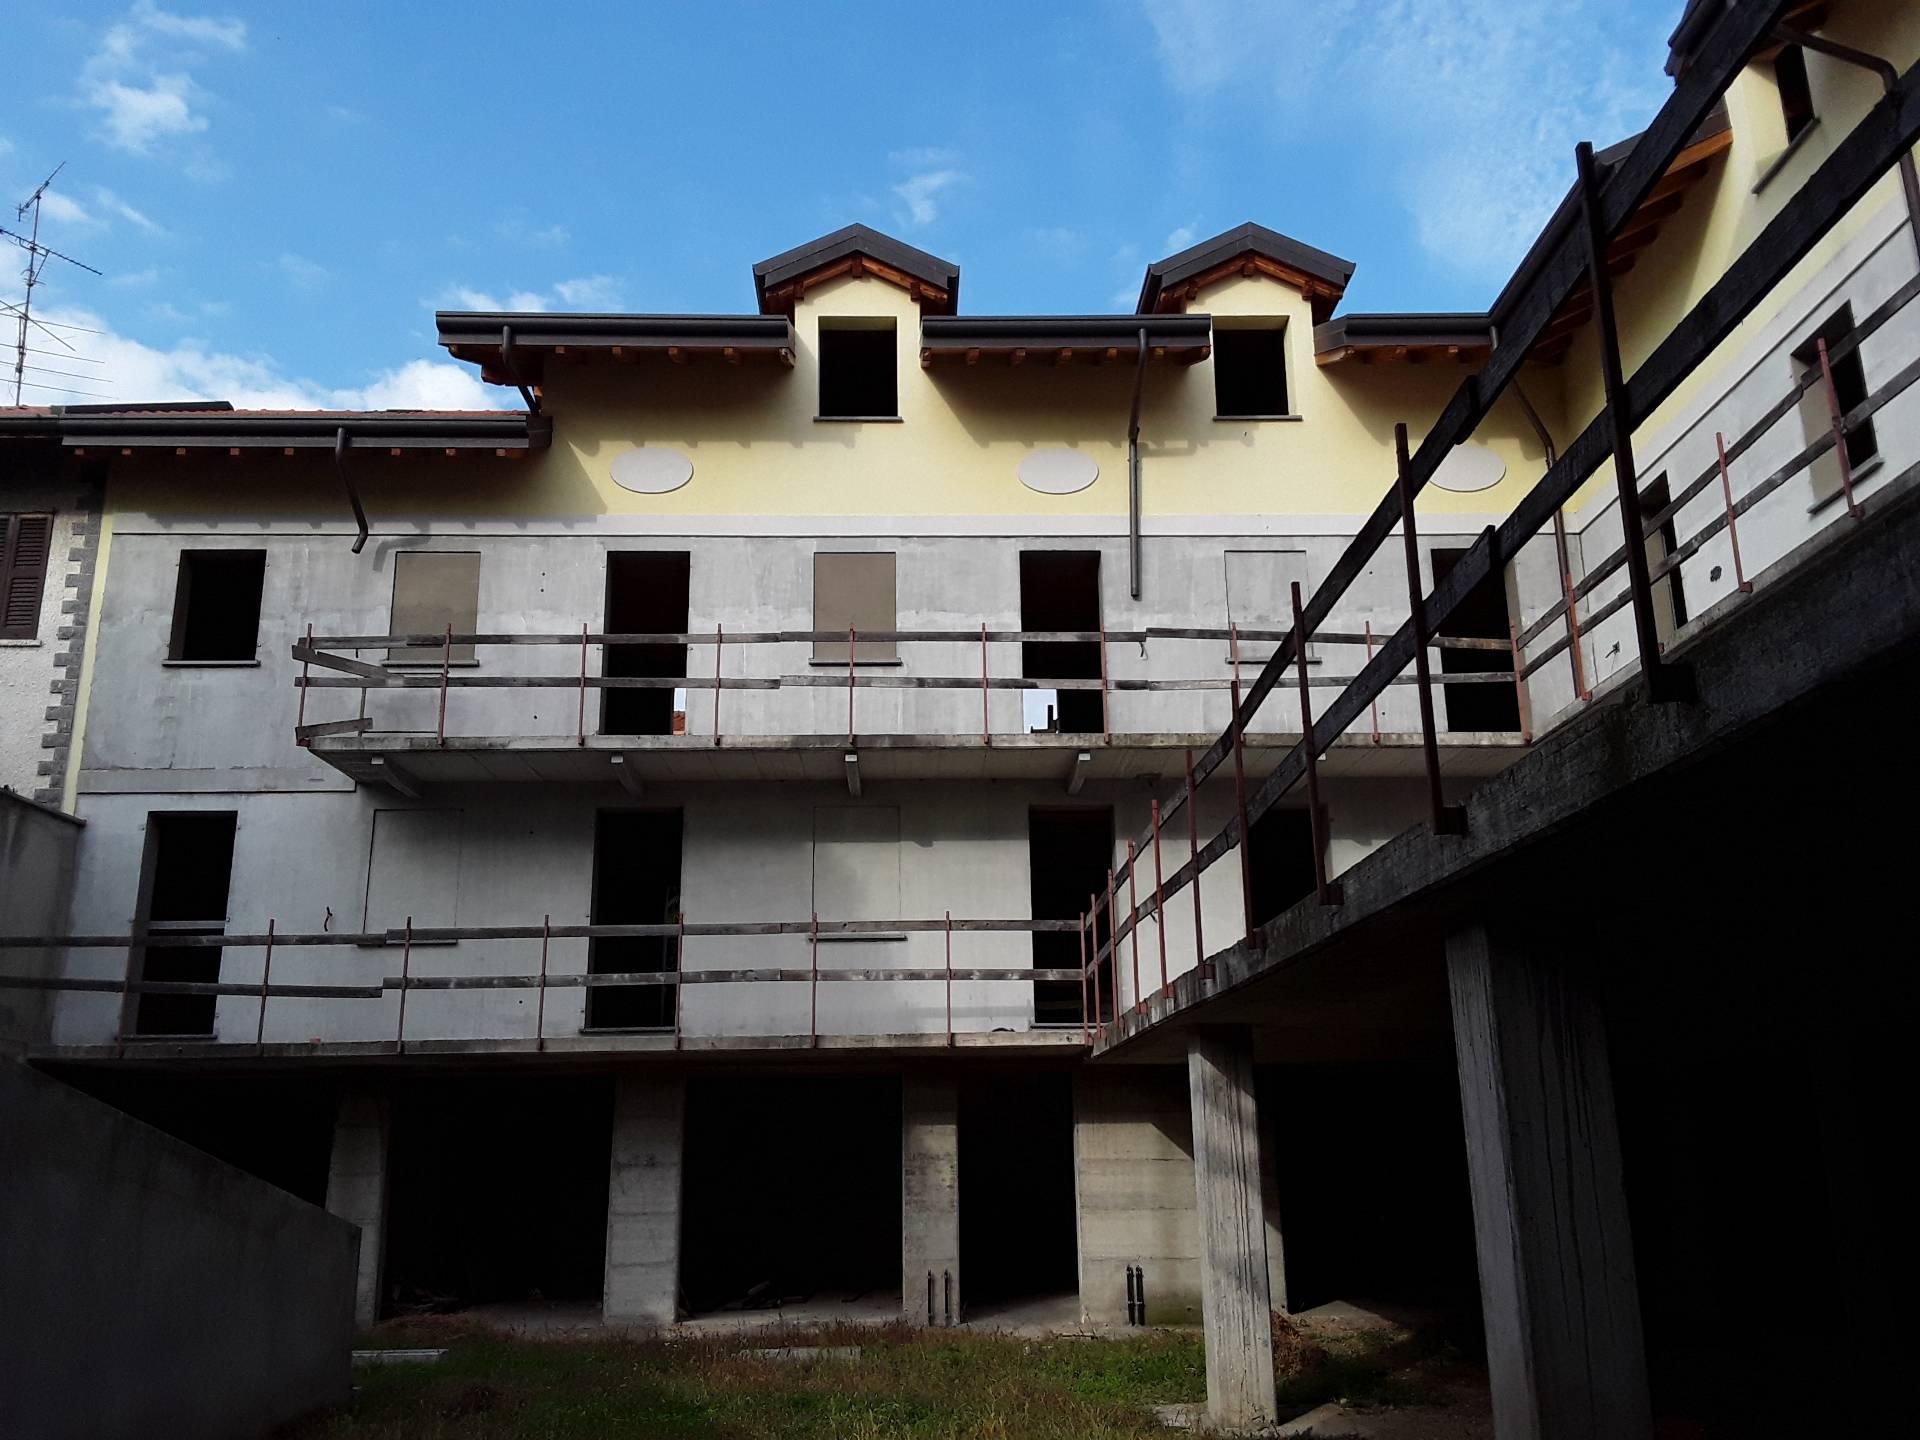 Appartamento in vendita a Lonate Pozzolo, 24 locali, prezzo € 595.000 | CambioCasa.it